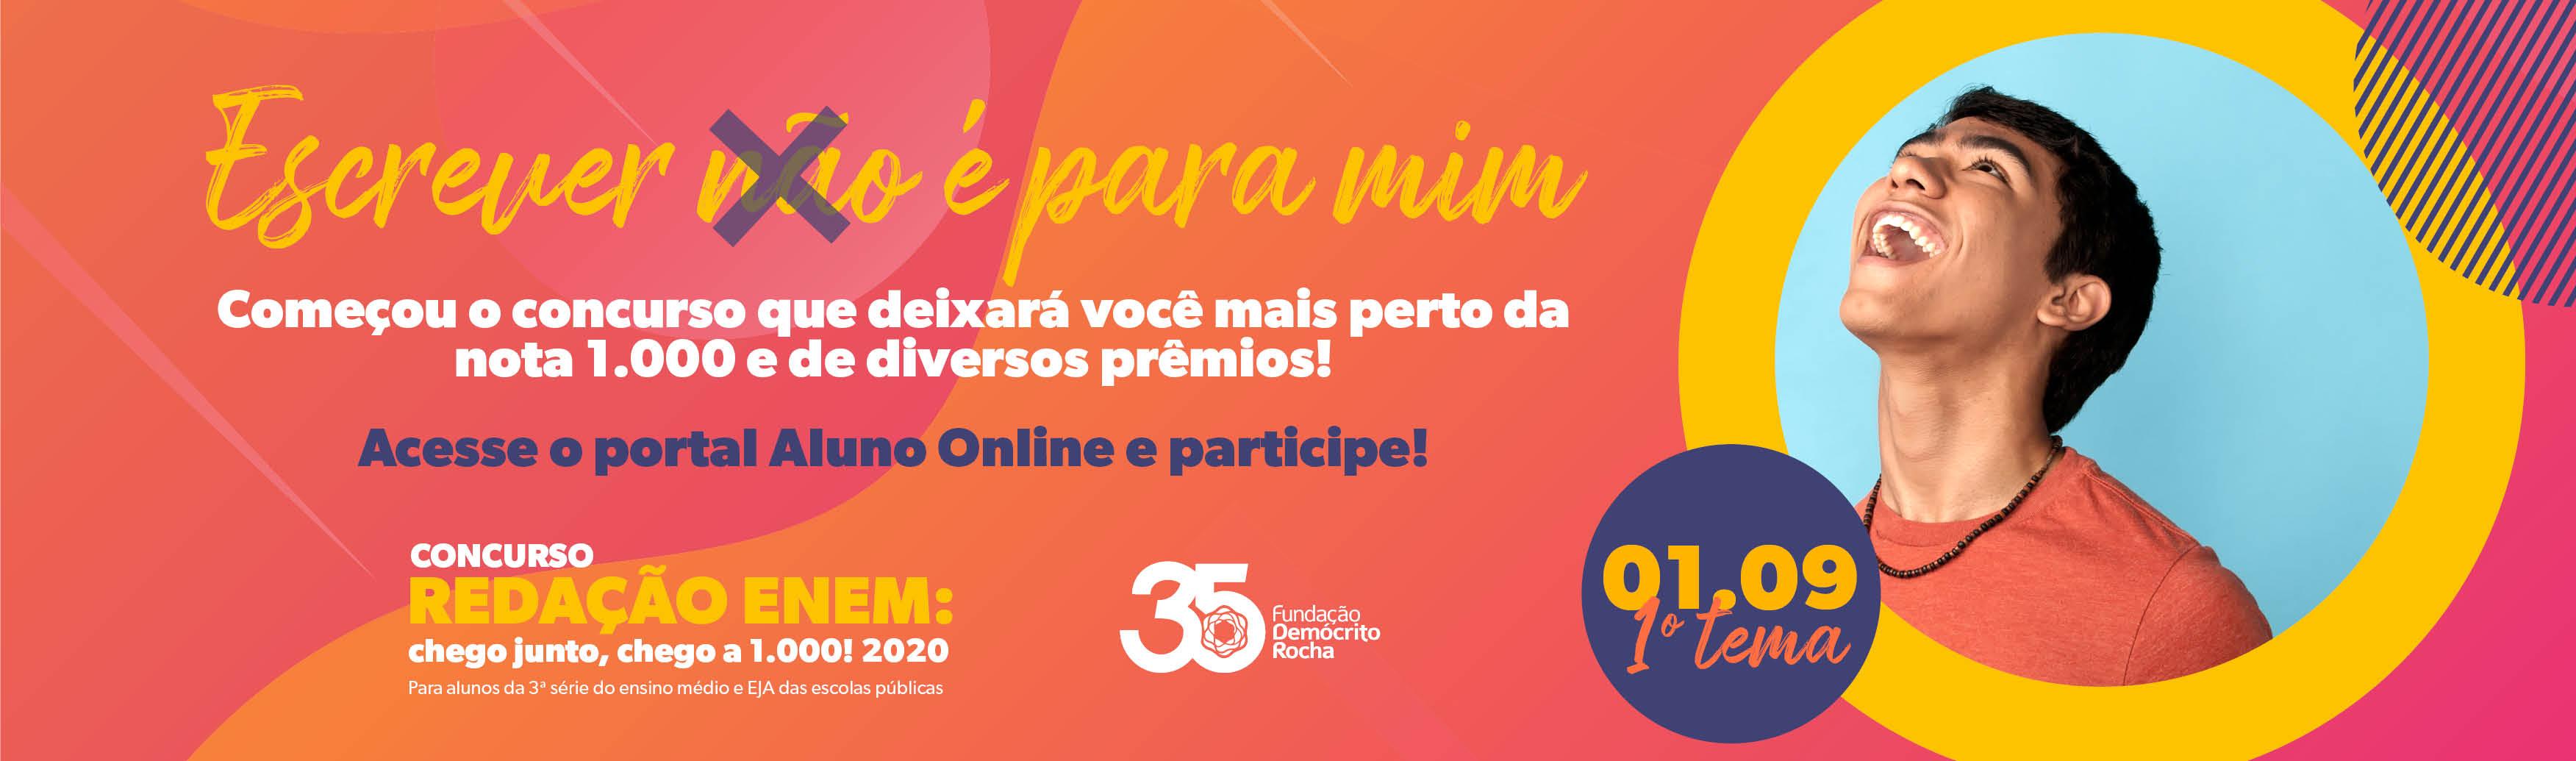 Course Image Enem Mix 2020 - Corretor de Redação